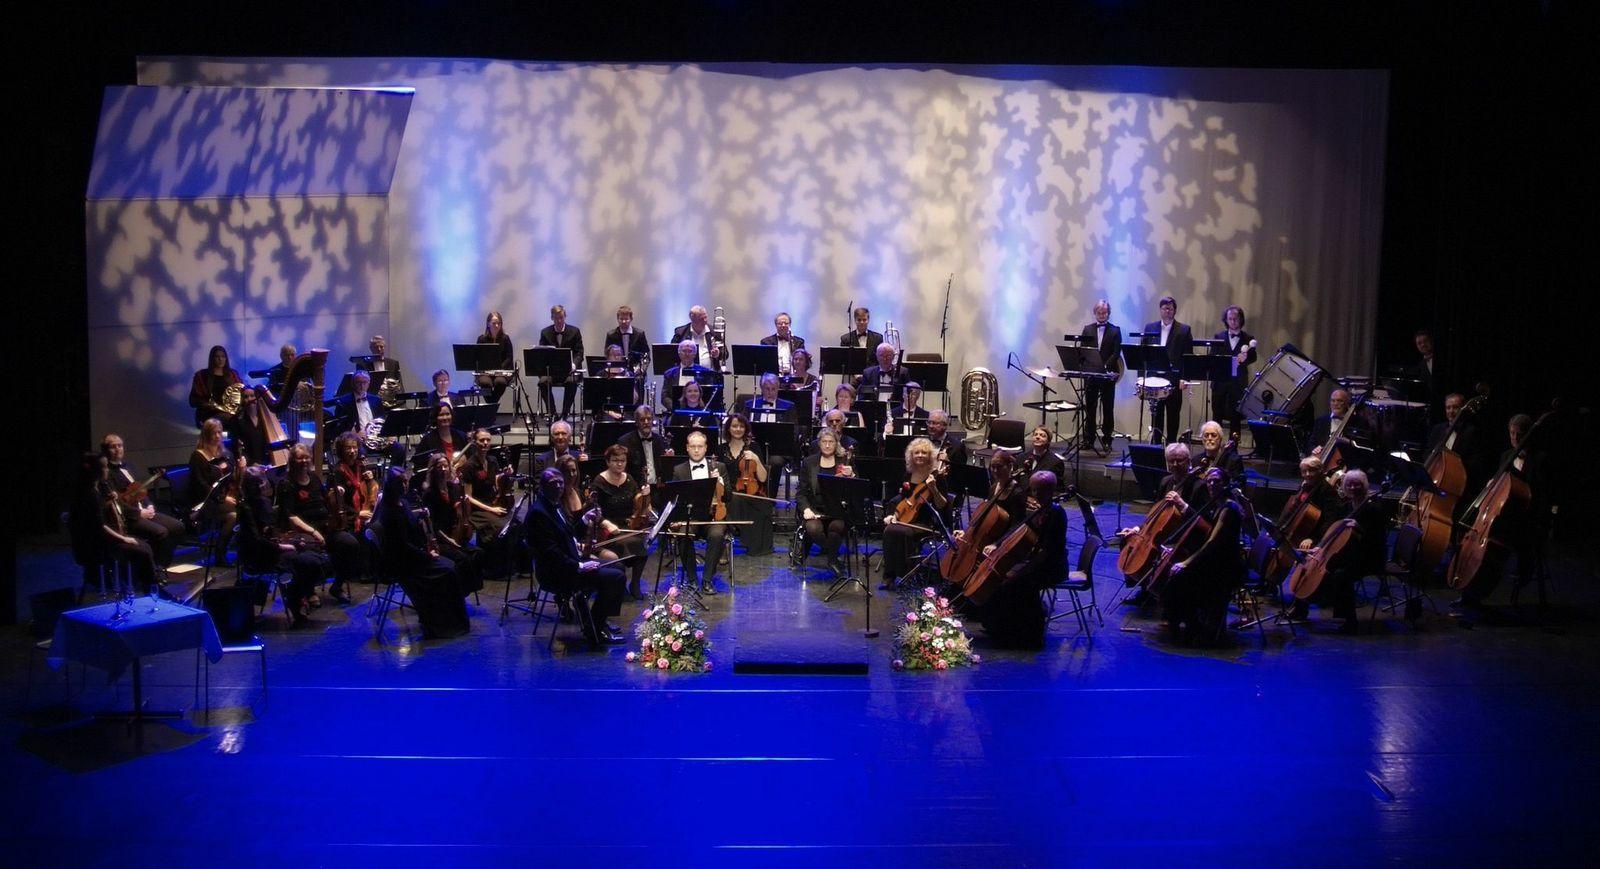 Nyttårskonsert 2015 - lørdag